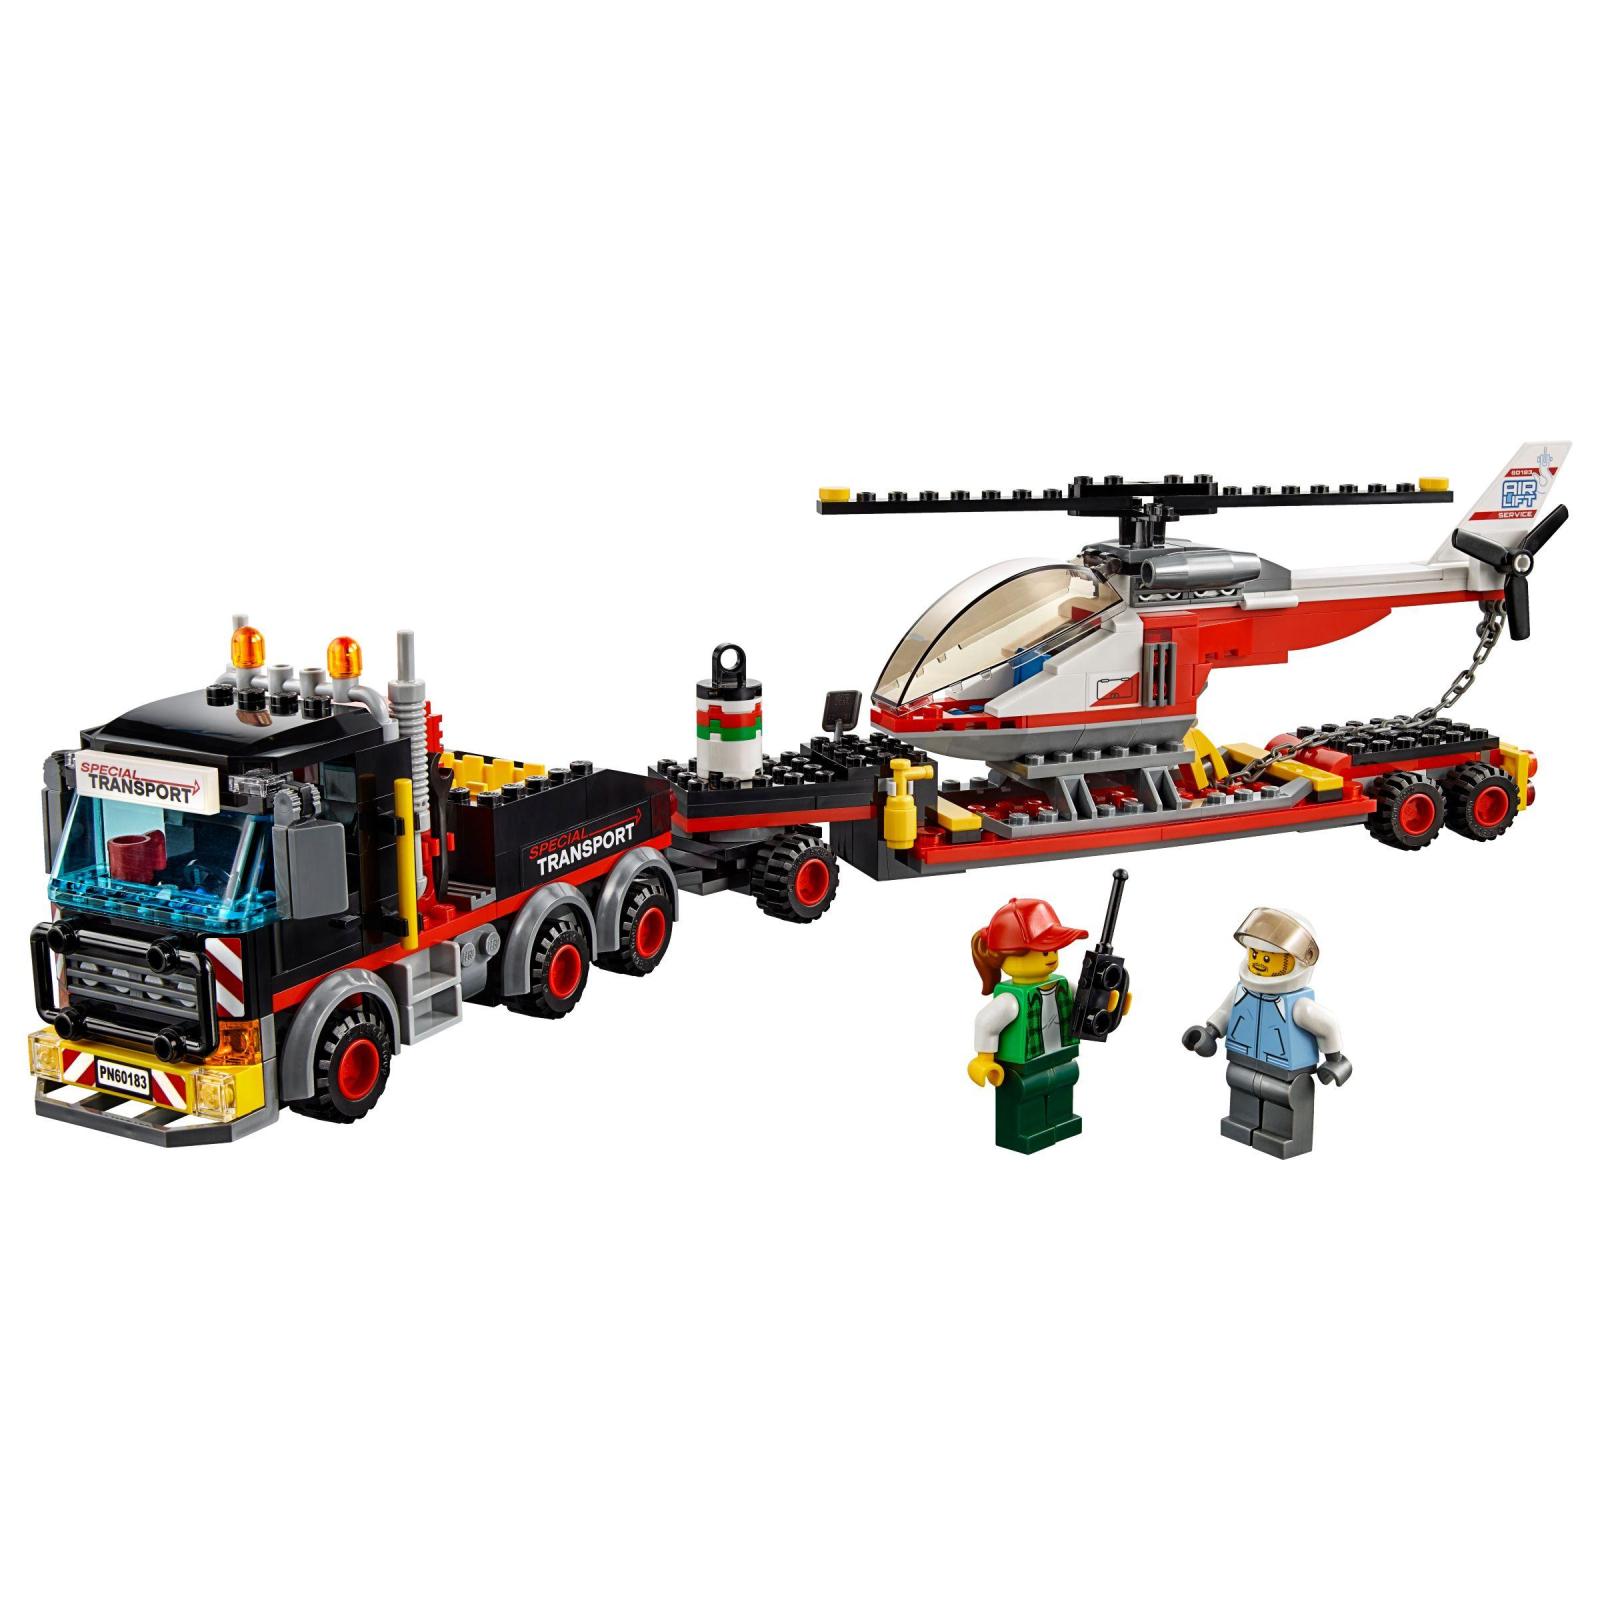 Конструктор LEGO City Перевозка тяжелых грузов (60183) изображение 2